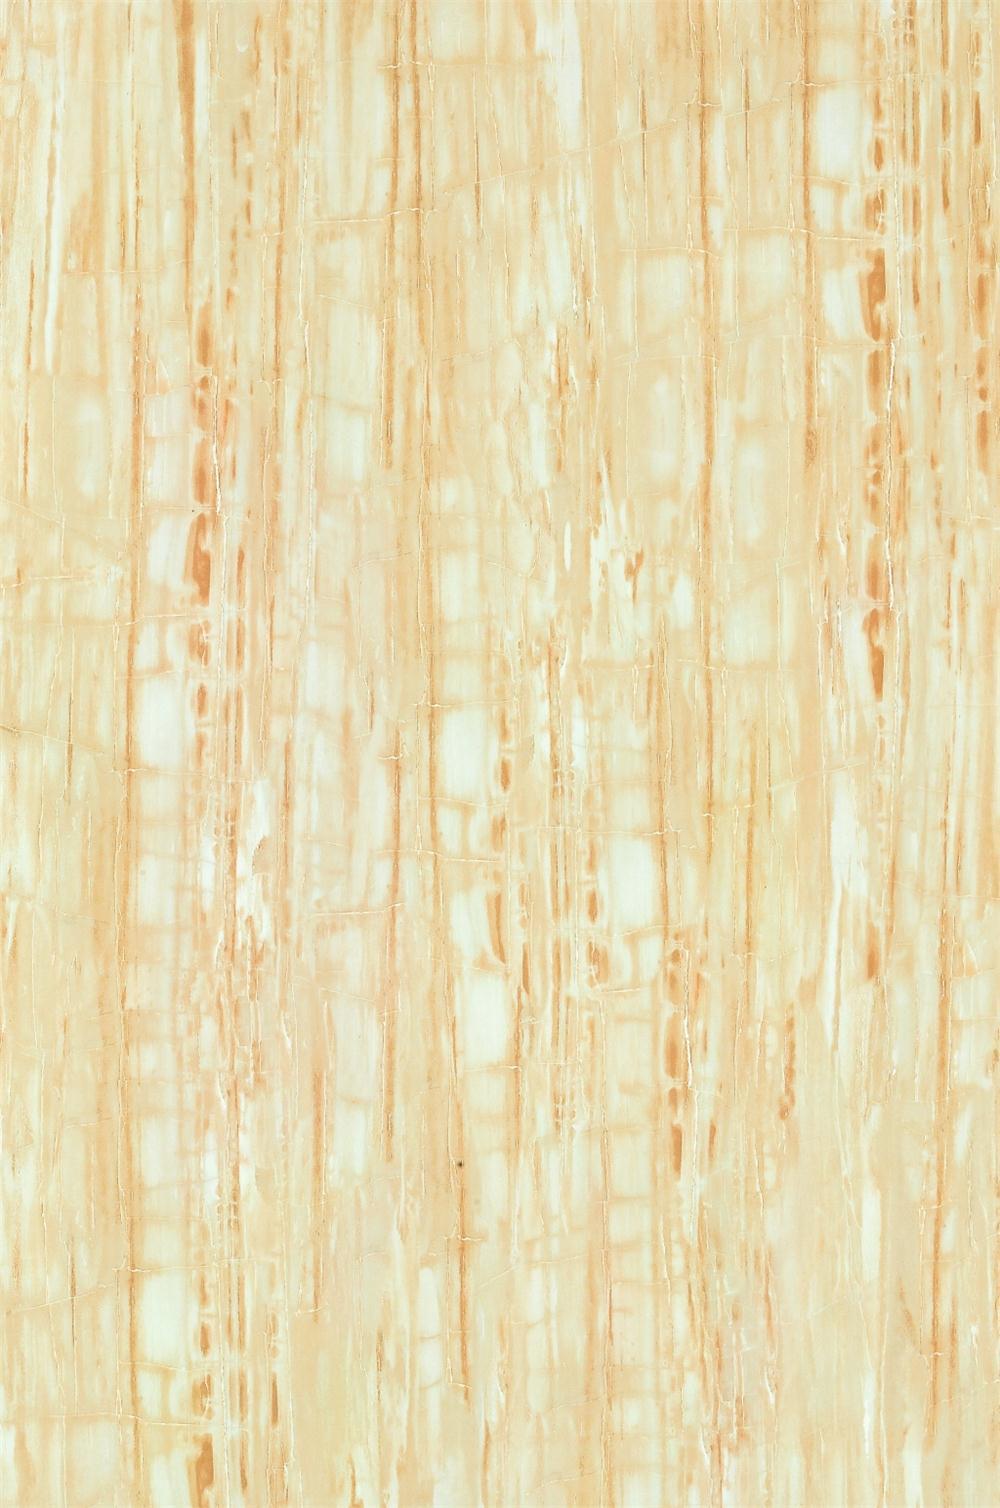 HPG96048竹节玉(900mmX600mm)